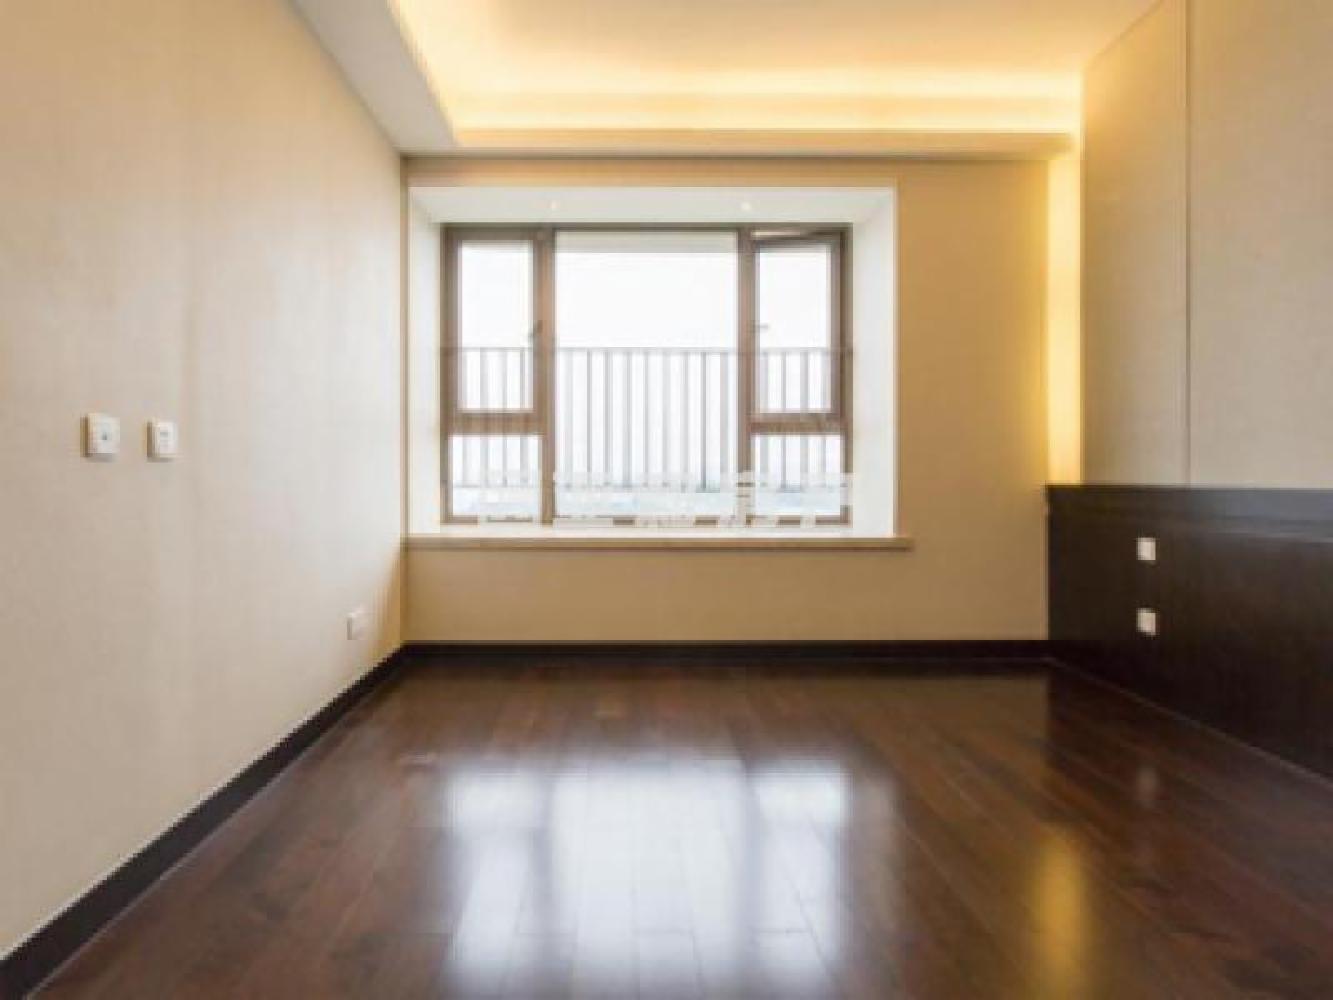 西景园 万达周边 高层电梯房 精致三房 单价只需1.4万